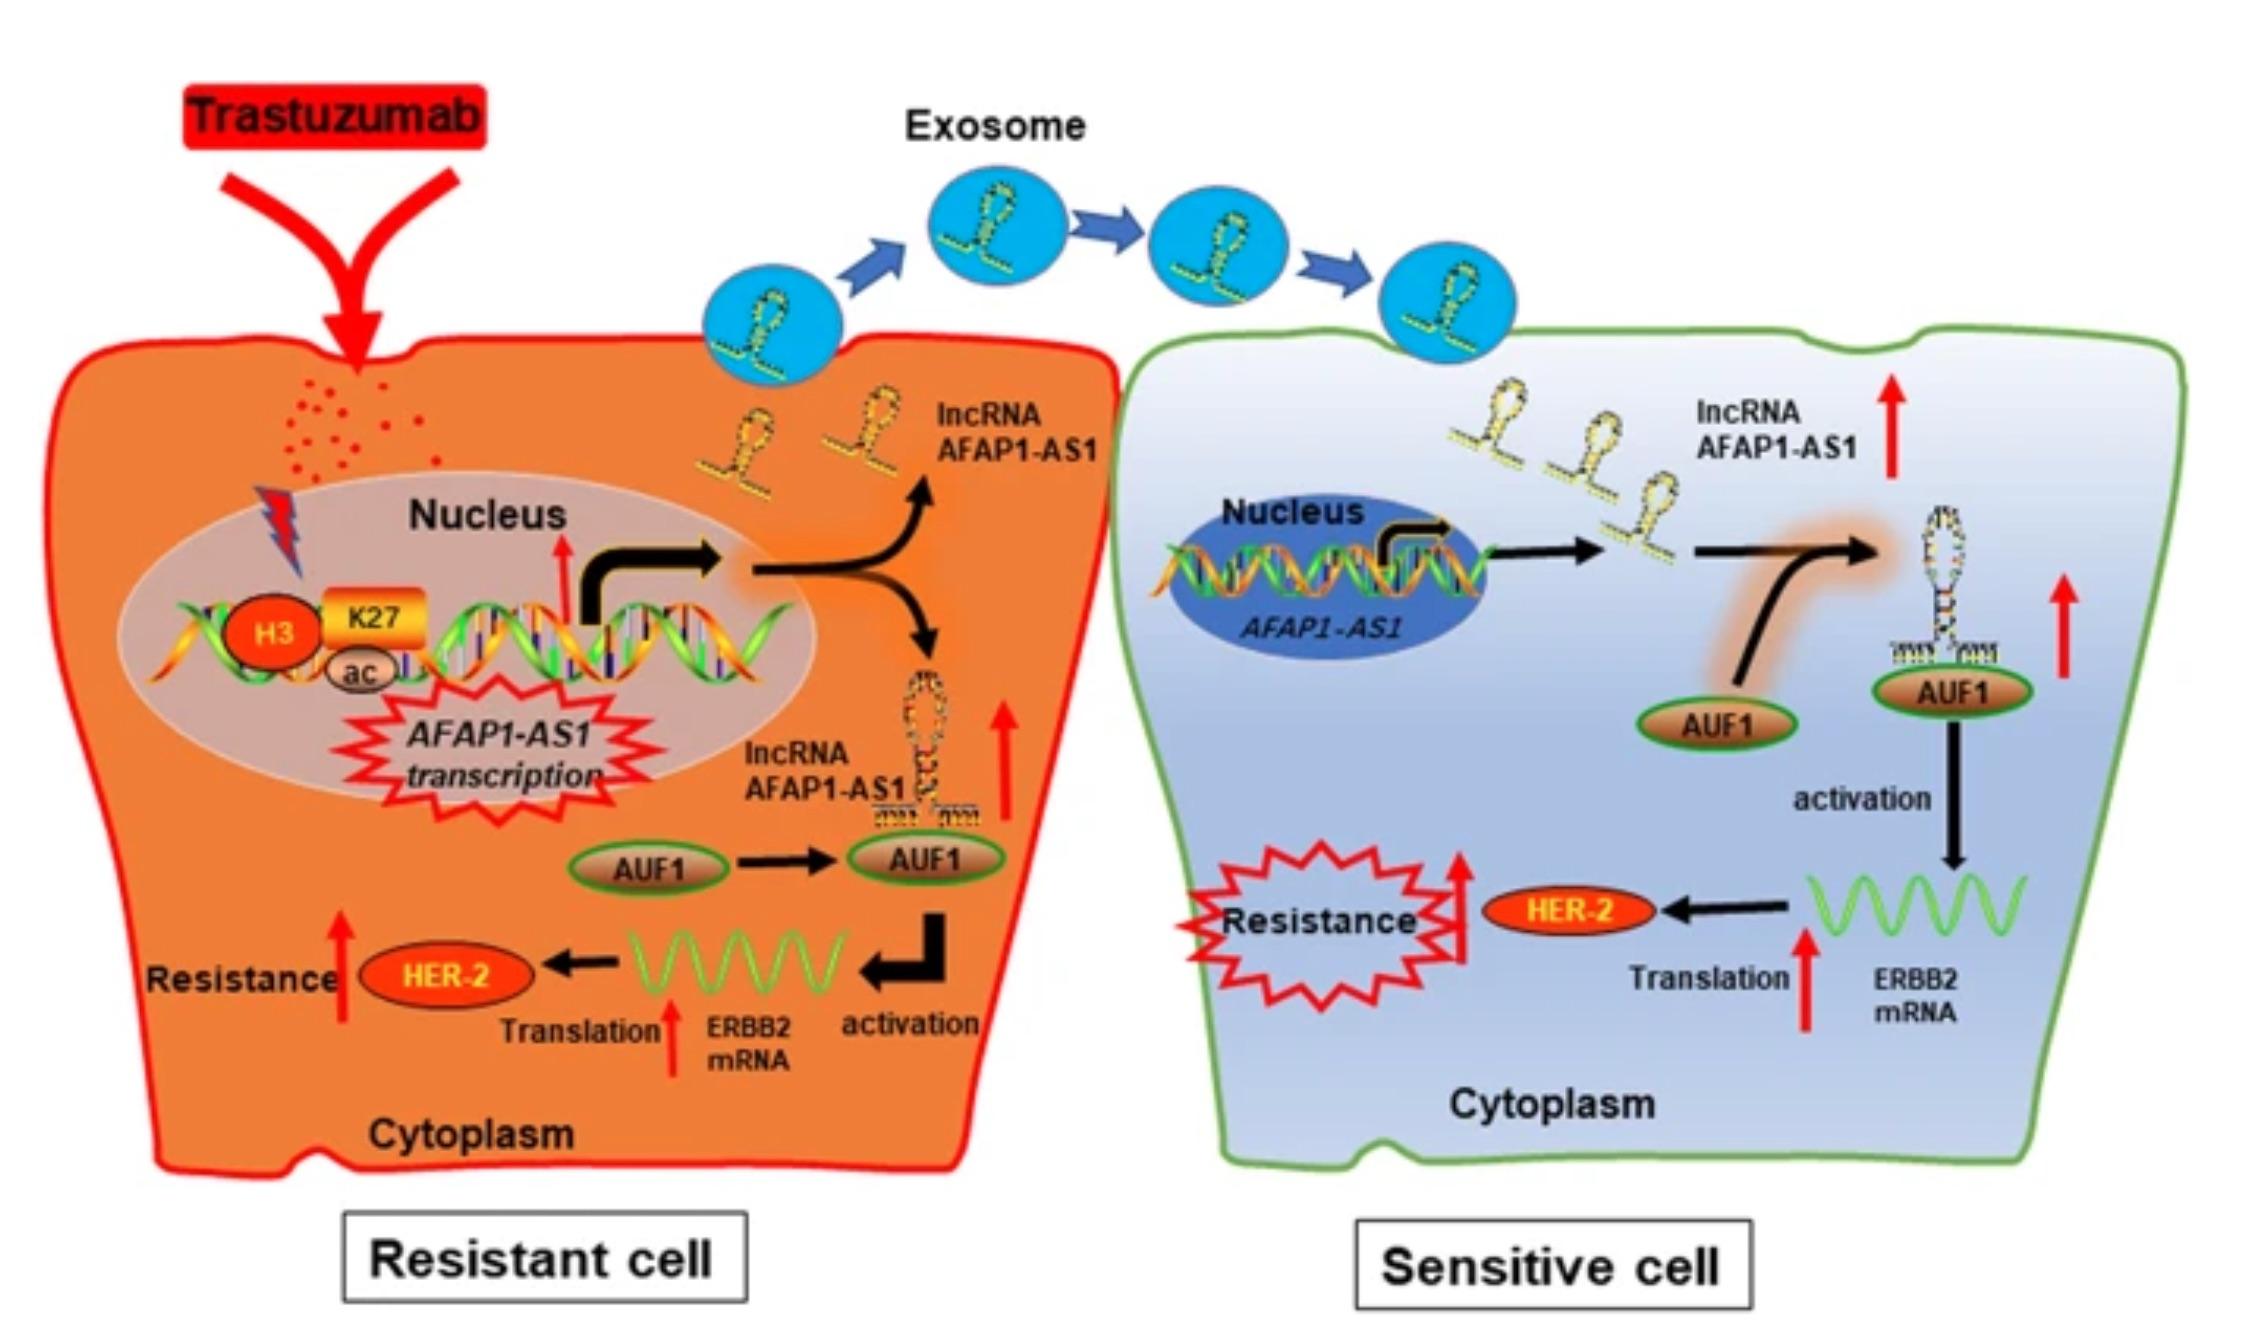 外泌体携带的lncRNA介导肿瘤细胞对曲妥珠单抗的耐药性